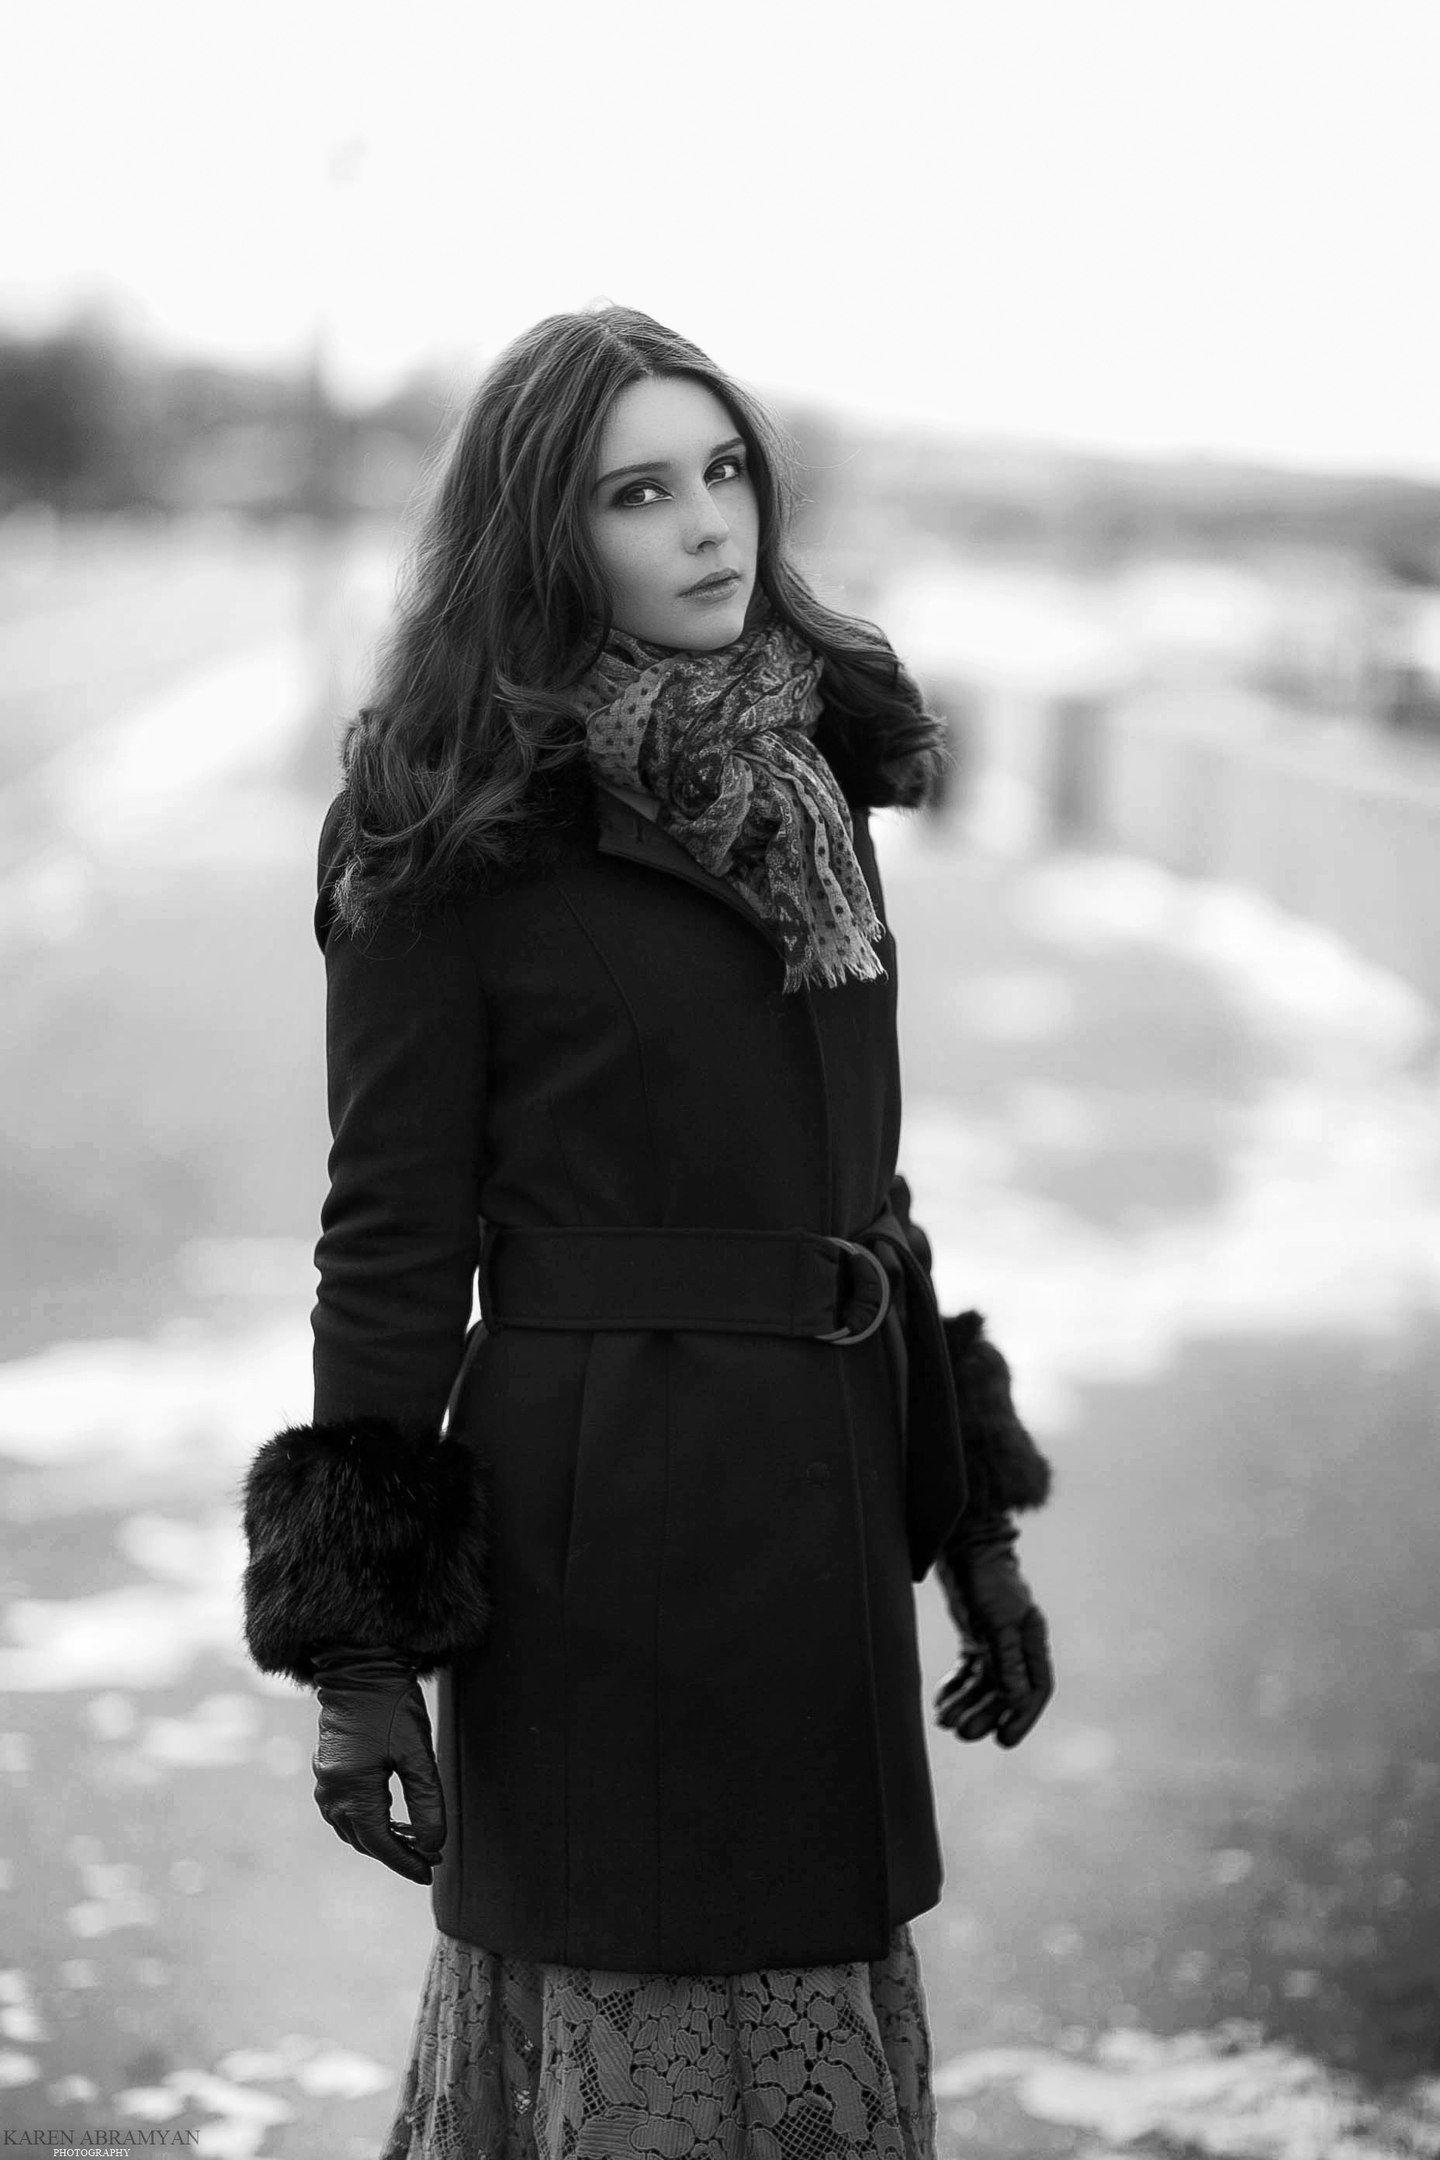 karen abramyan,portrait,black & white, Abramyan Karen